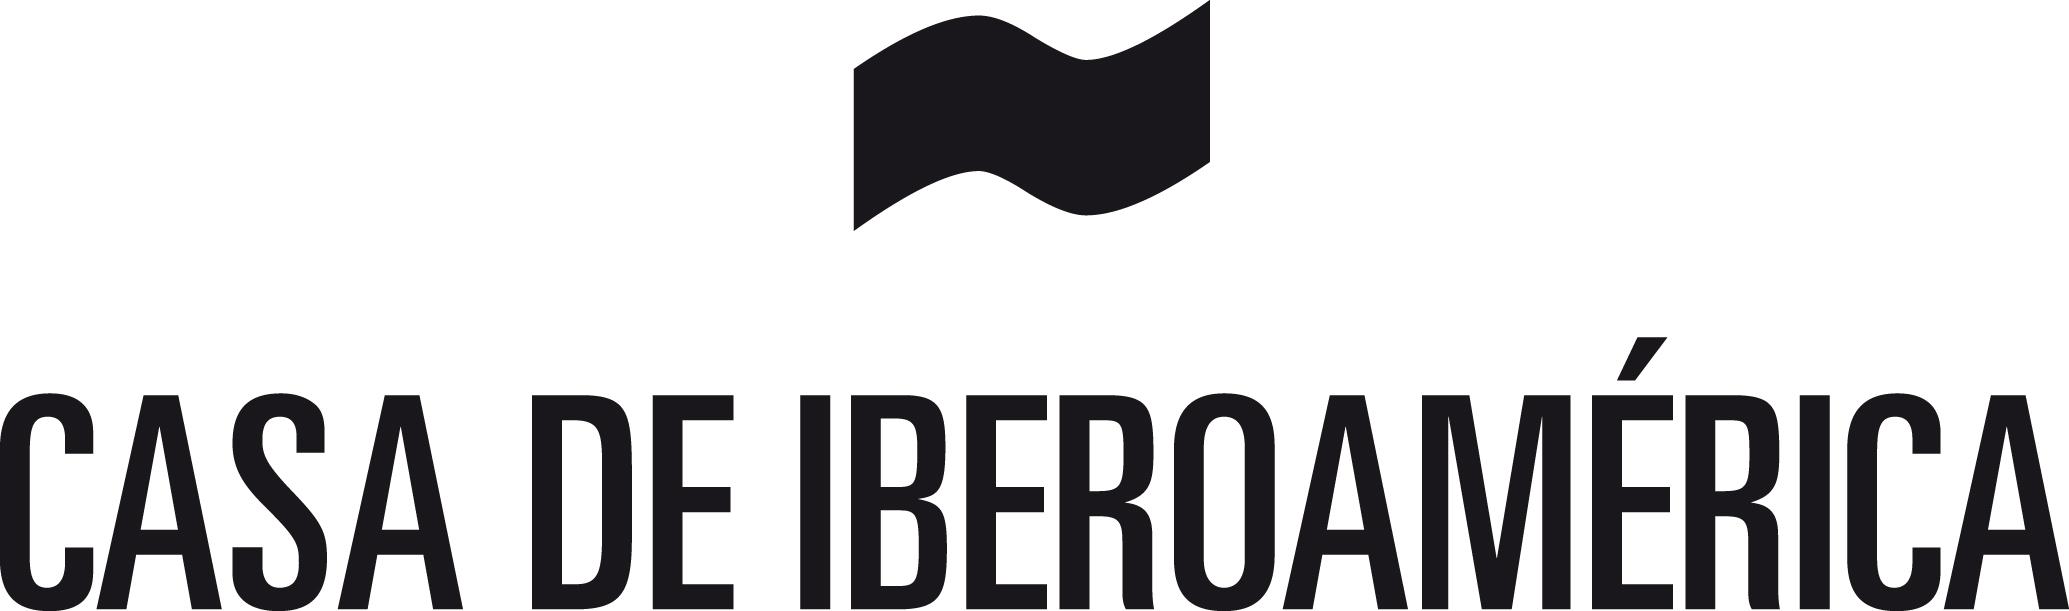 02_logotipo_ibero_simplificado-negro_sin-ayto-ni-cadizok